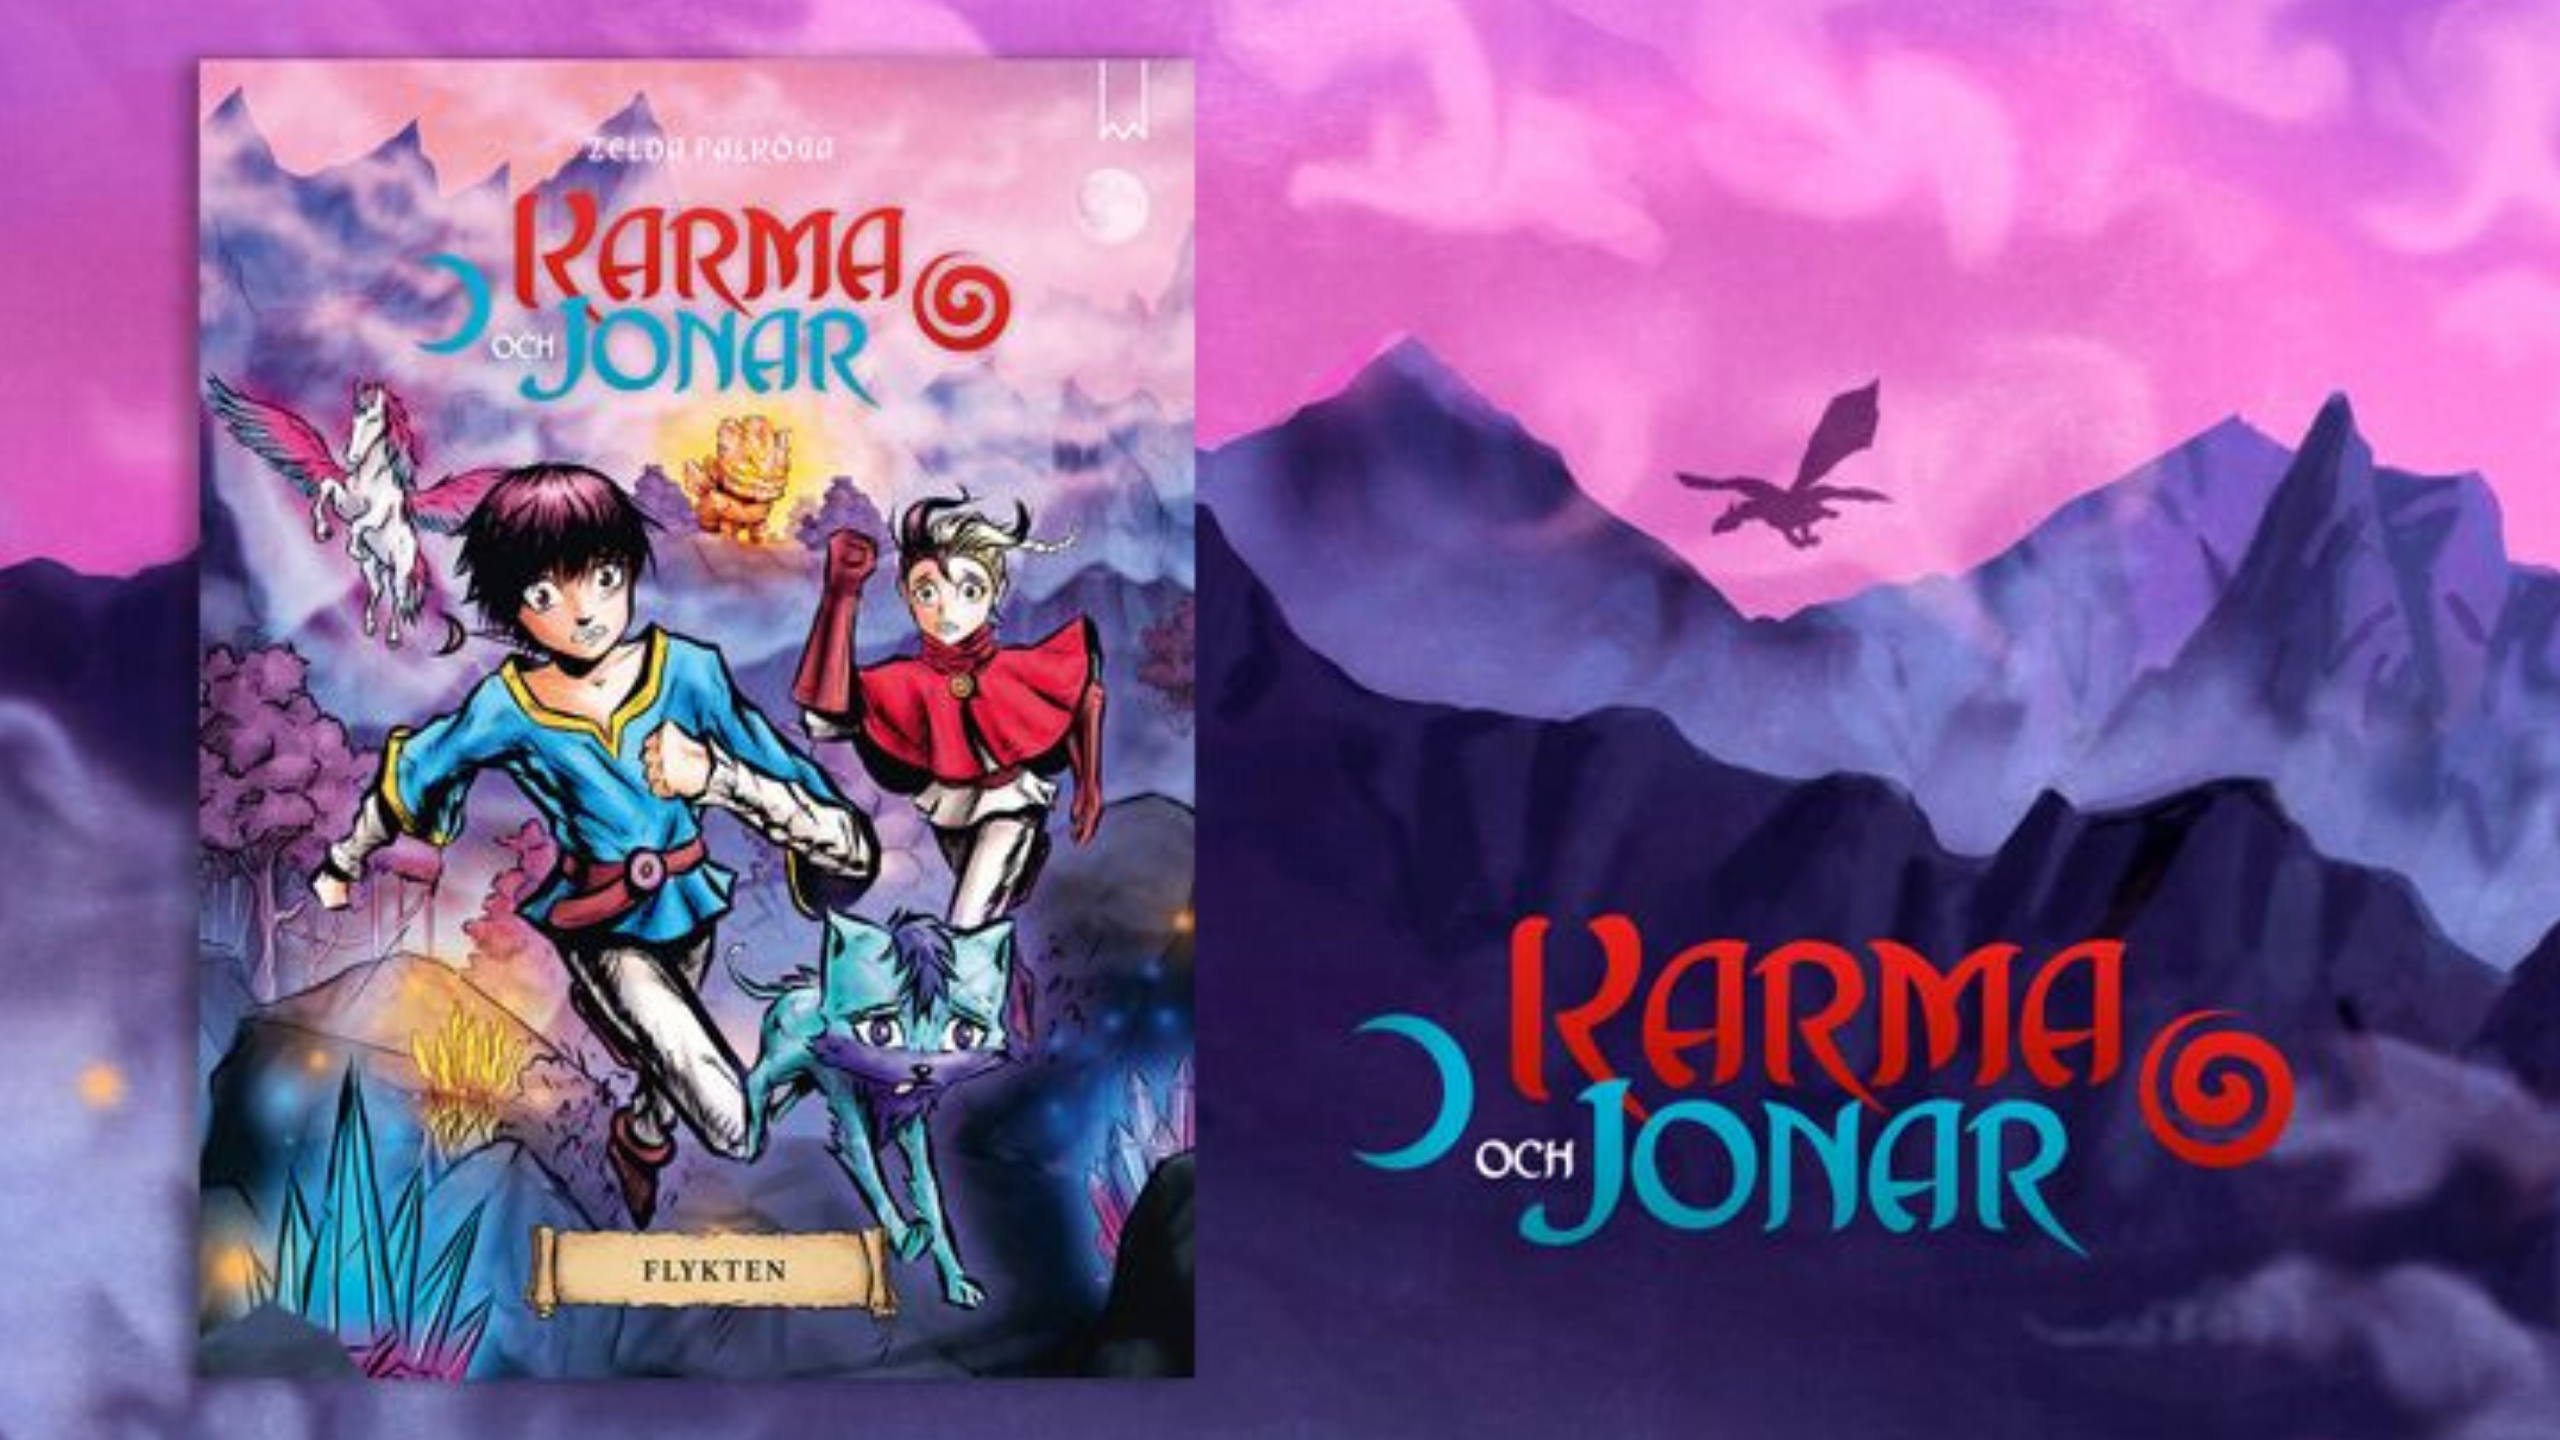 Karma och Jonar - Flykten av Zelda Falköga.